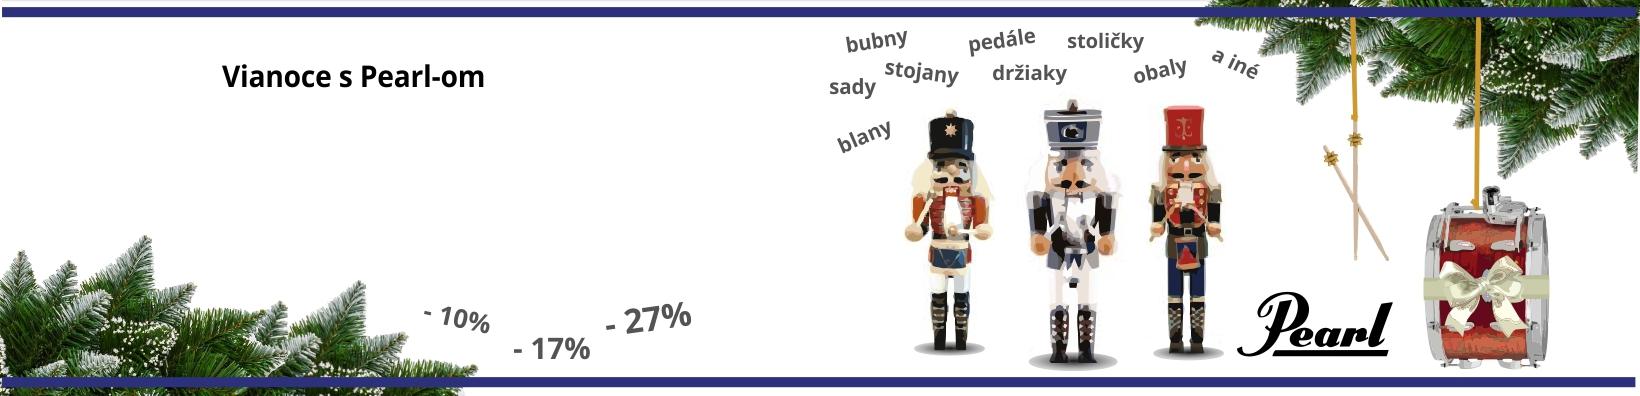 Vianoce so značkou Pearl - zľavy až do 27% na bubny, blany, sady, pedále, stojany, držiaky, obaly a iné pre bubeníkov